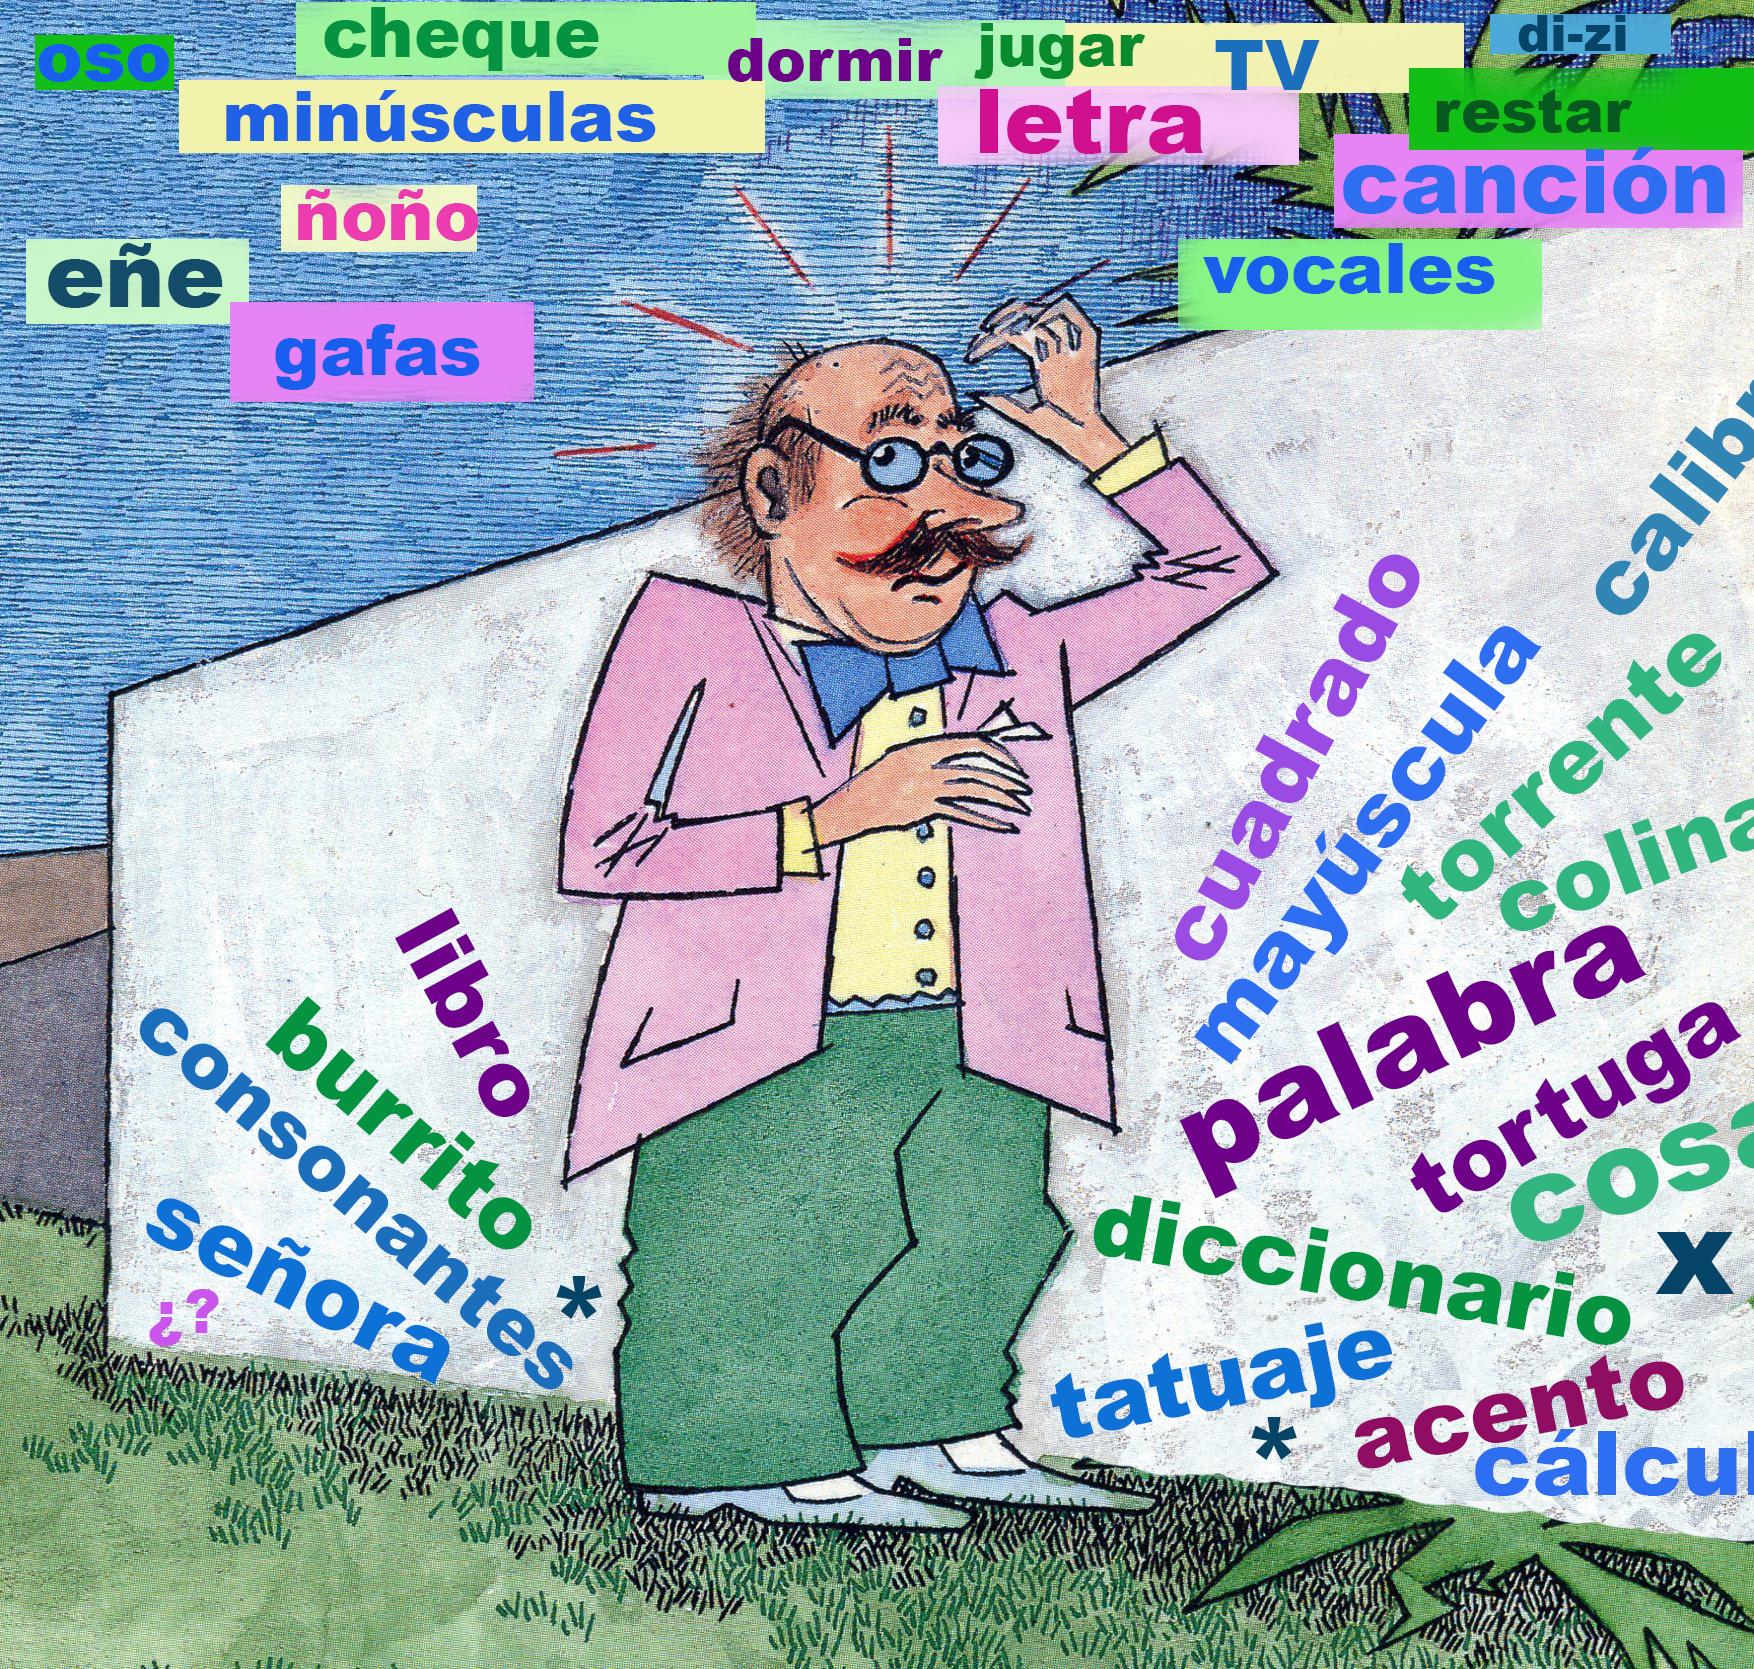 <strong>El l&iacute;o de palabras del profesor DiZi:</strong> Ay&uacute;dalo a encontrar las 10 palabras relacionadas con el deletreo. Ilustraci&oacute;n de Mar&iacute;a Cristina Brusca